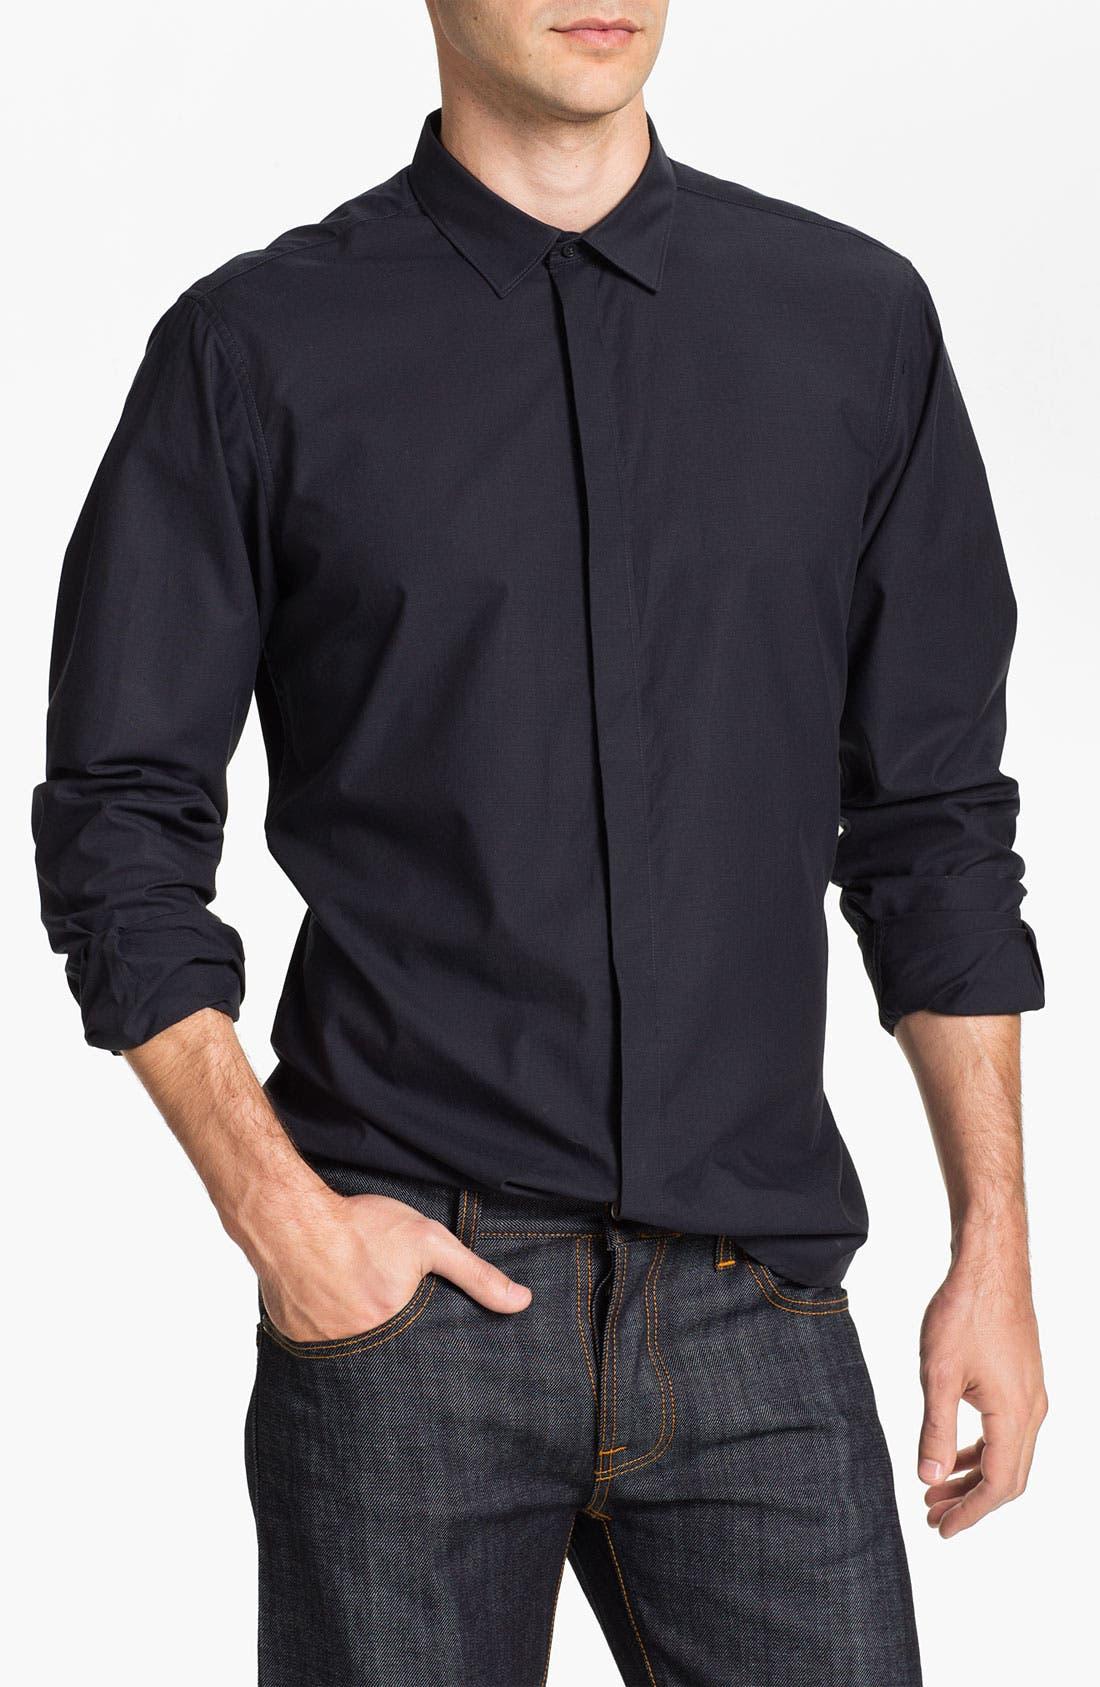 Main Image - Ben Sherman Solid Woven Shirt